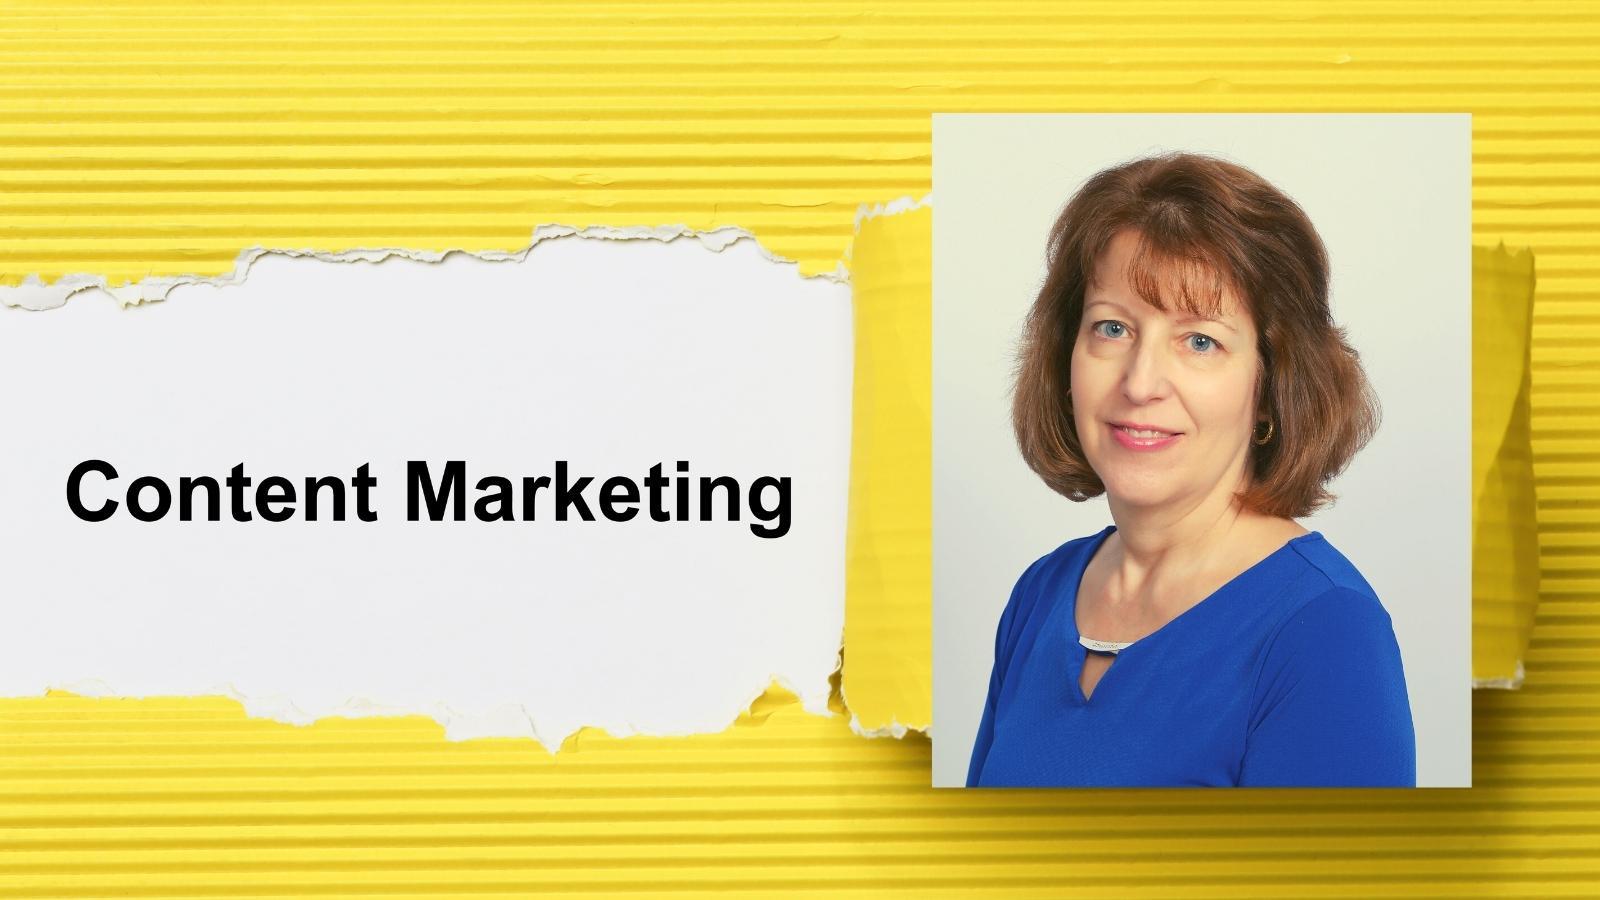 lisa sicard content marketing expert